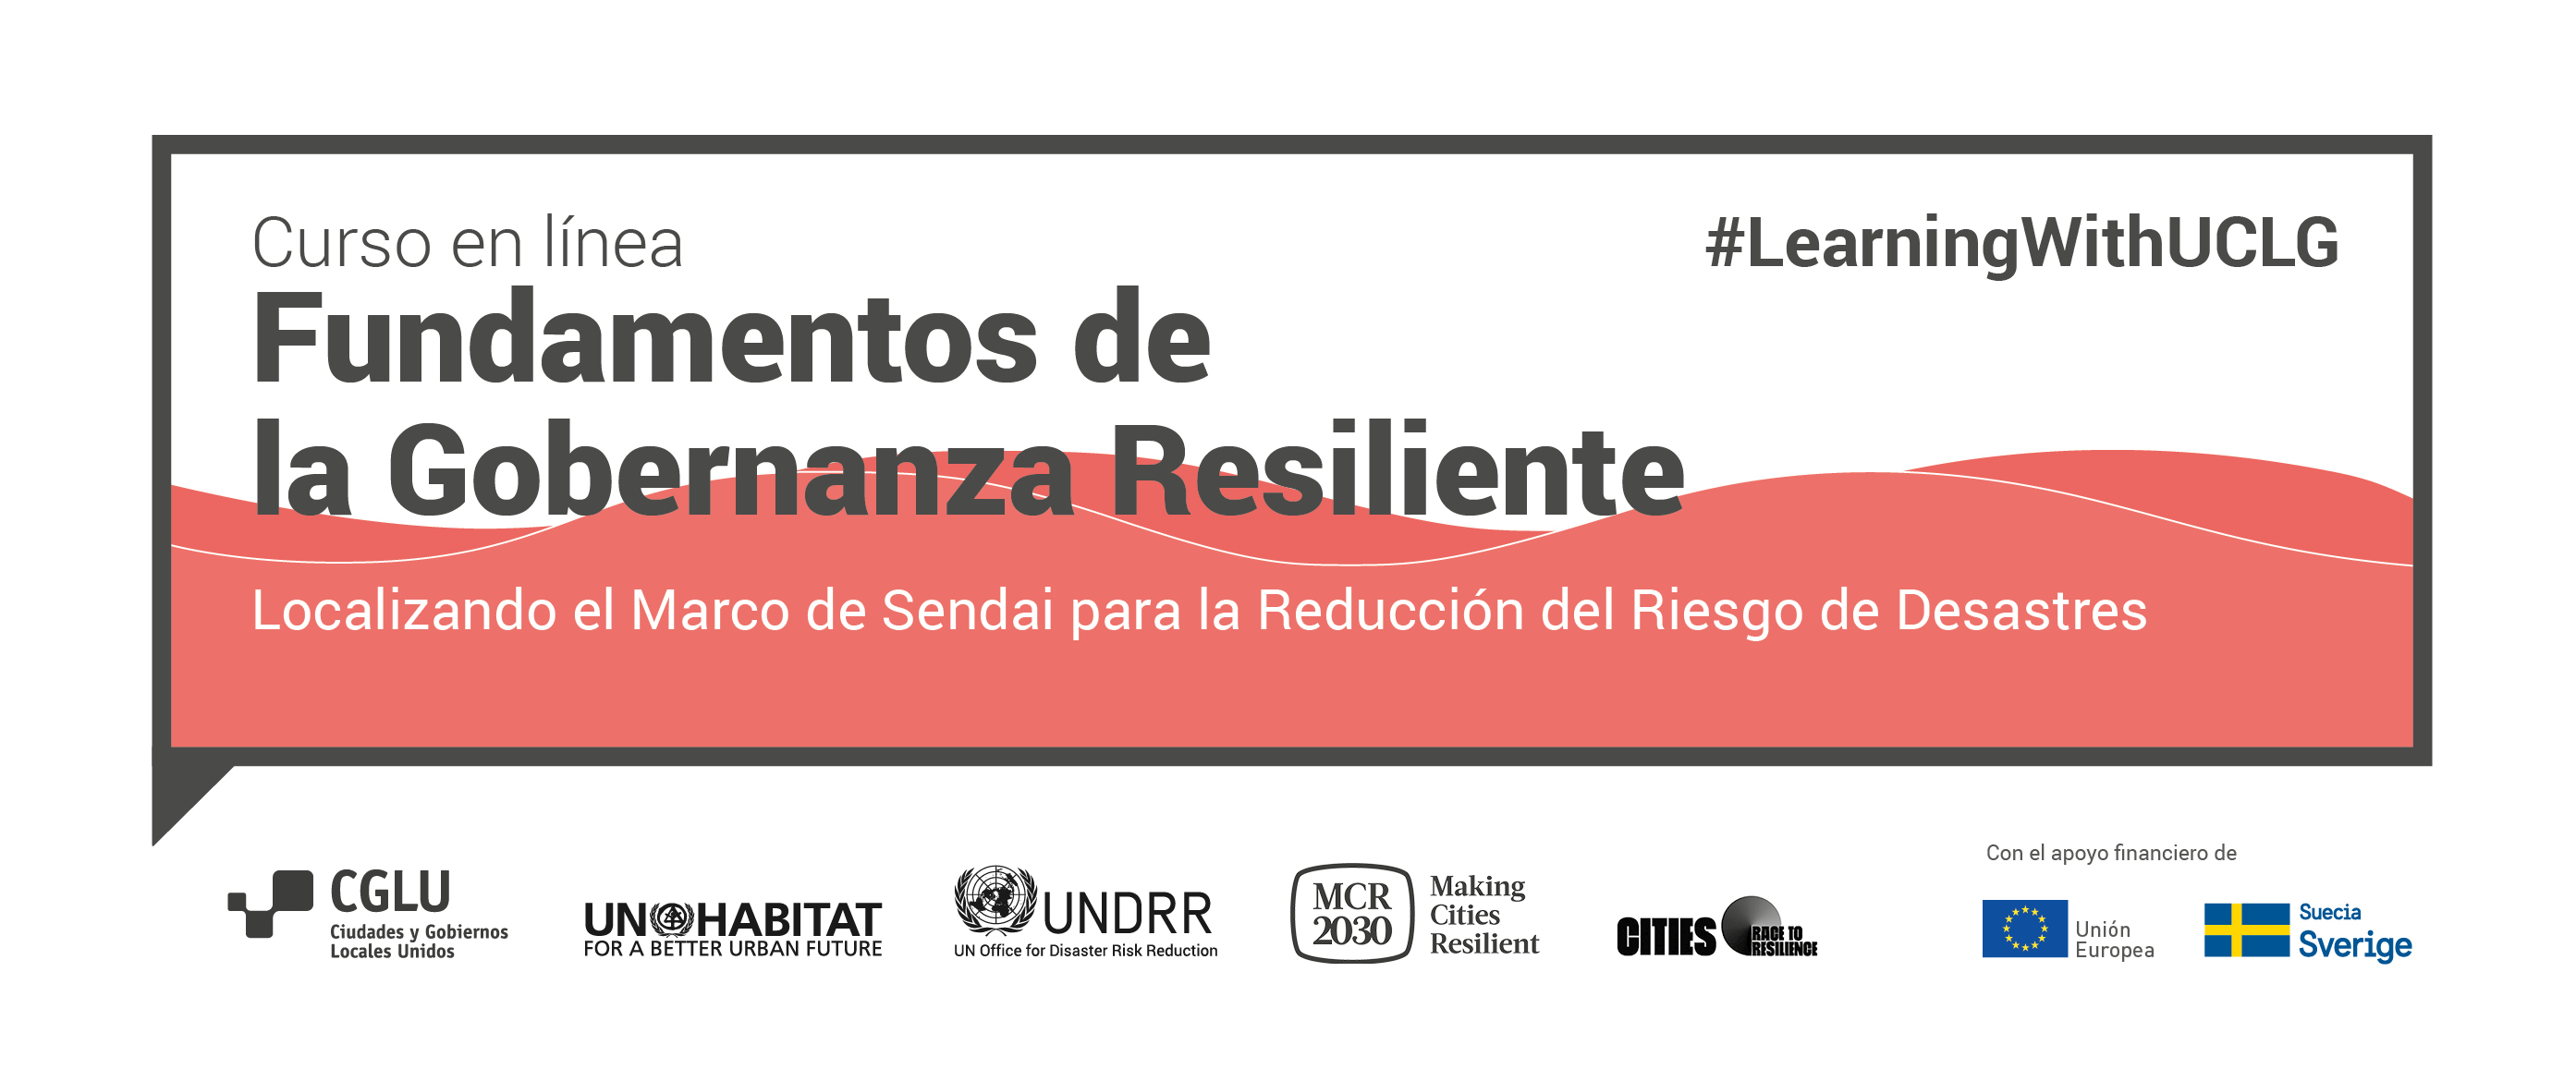 Fundamentos de la Gobernanza y el Desarrollo Resiliente - MOOC I de Aprendizaje sobre Resiliencia